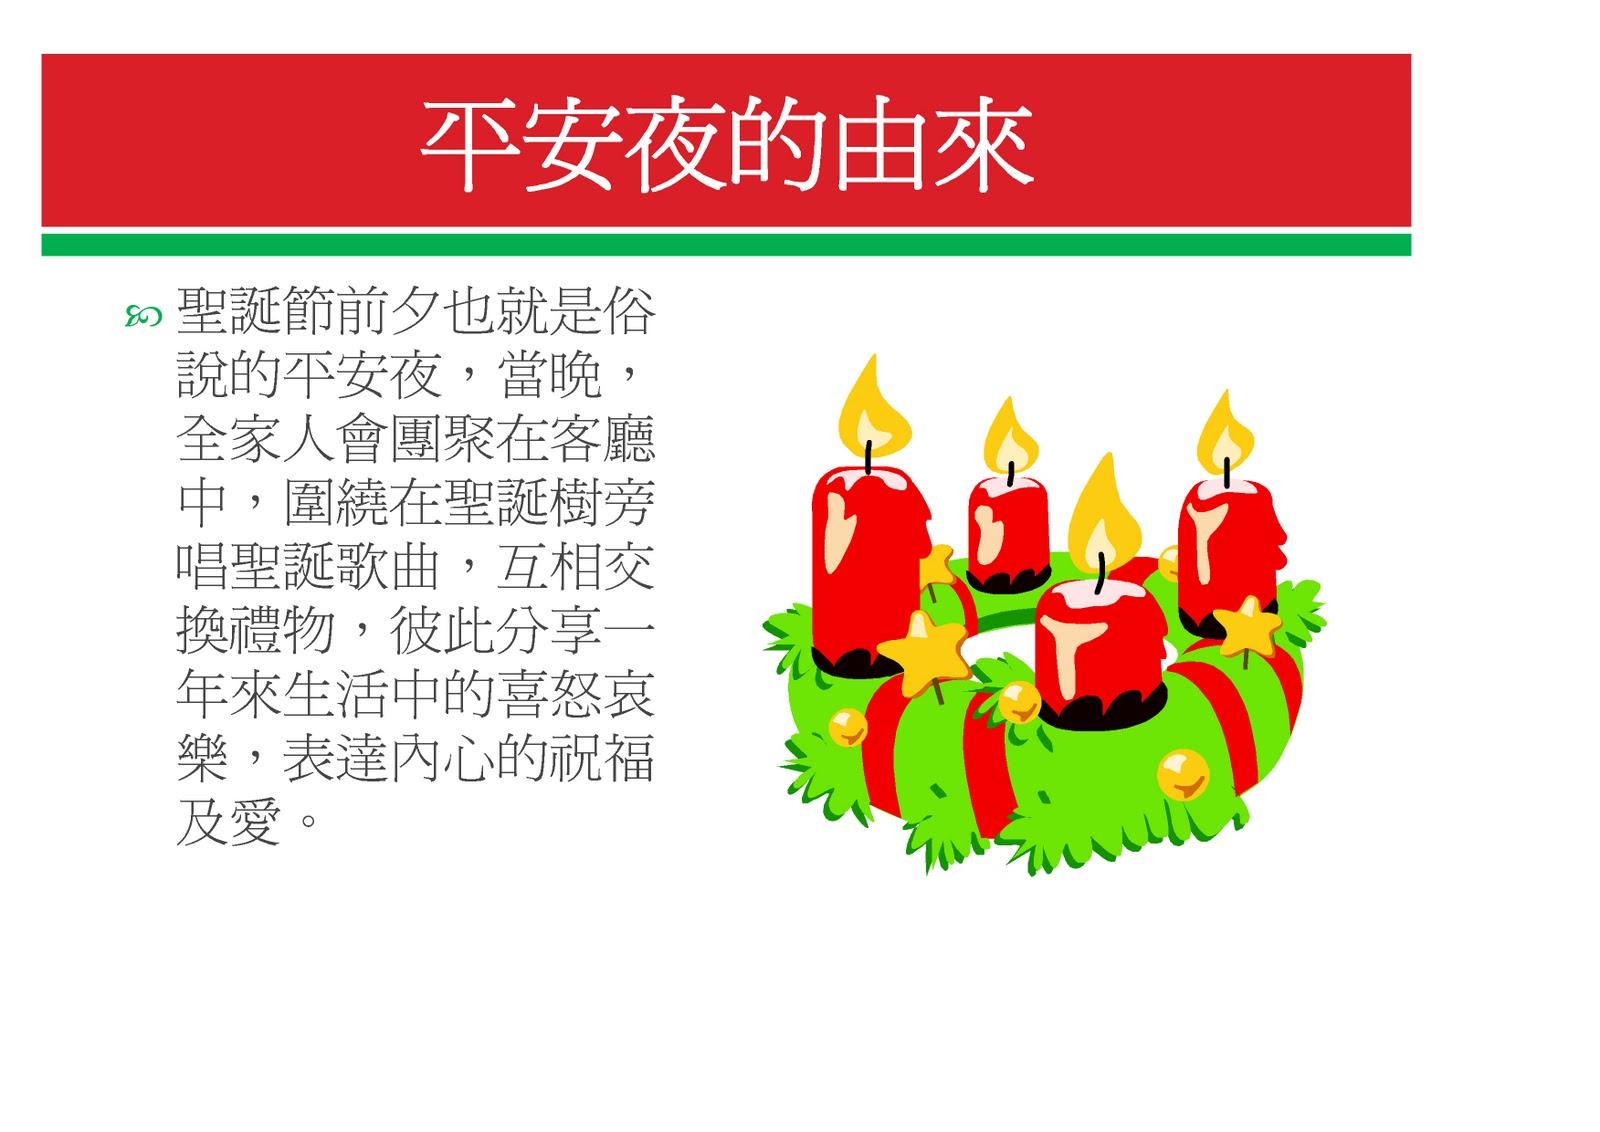 辦公室應用軟體學習網誌: EX09: 聖誕節-PowerPoint簡報基礎製作